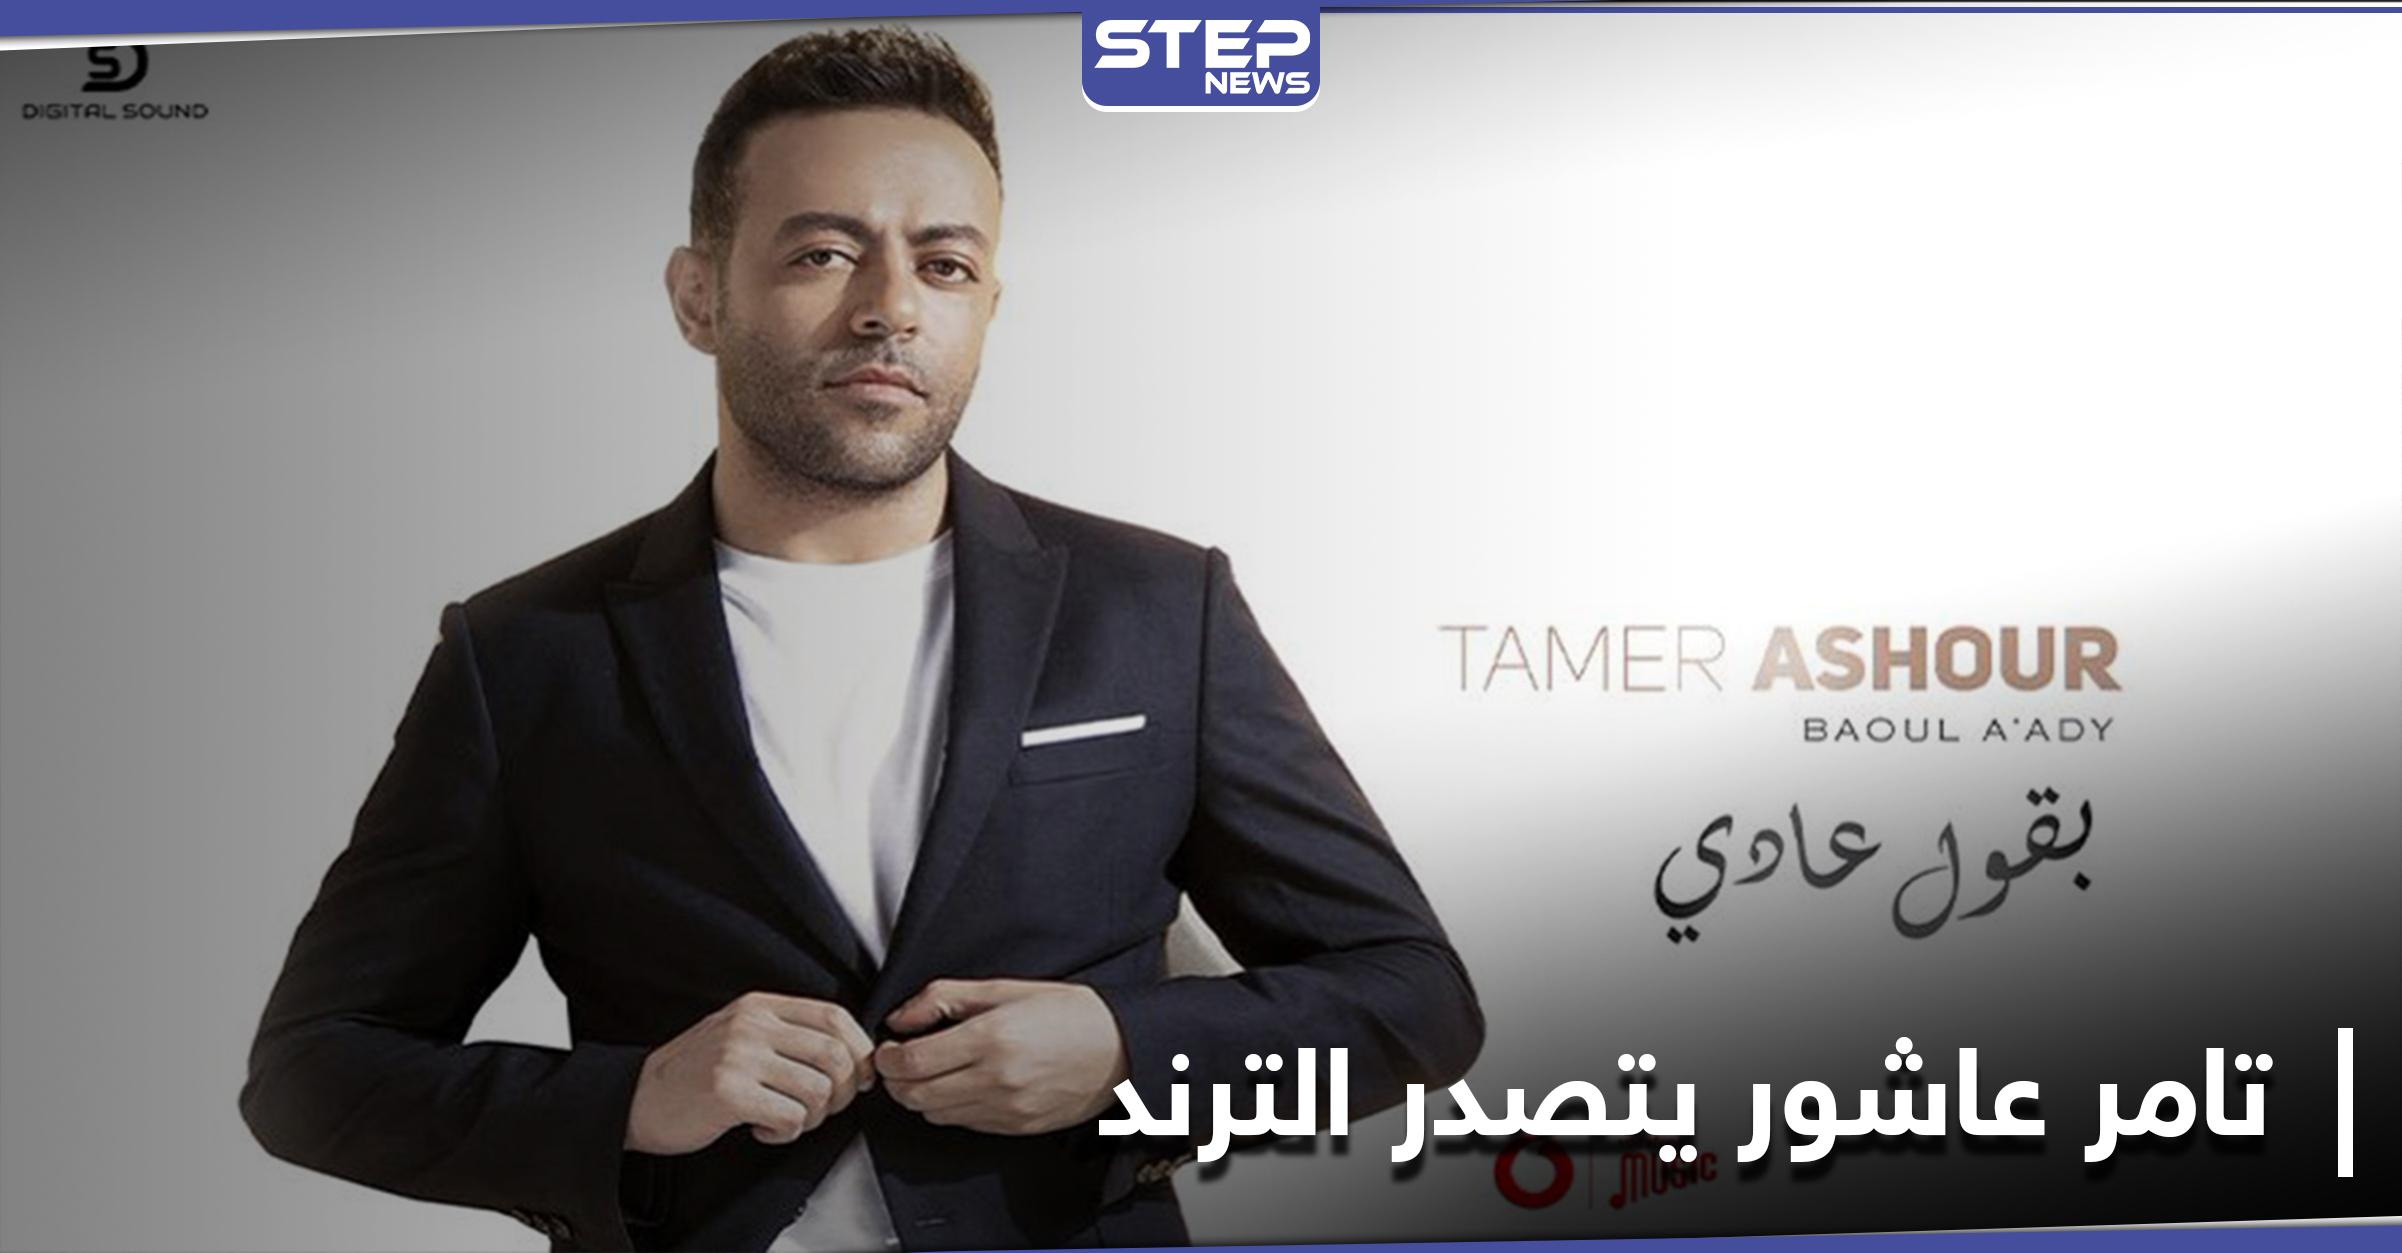 بالعودة إلى النمط الحزين.. تامر عاشور يتصدر مواقع التواصل الاجتماعي وكلمات مؤثرة من جمهوره